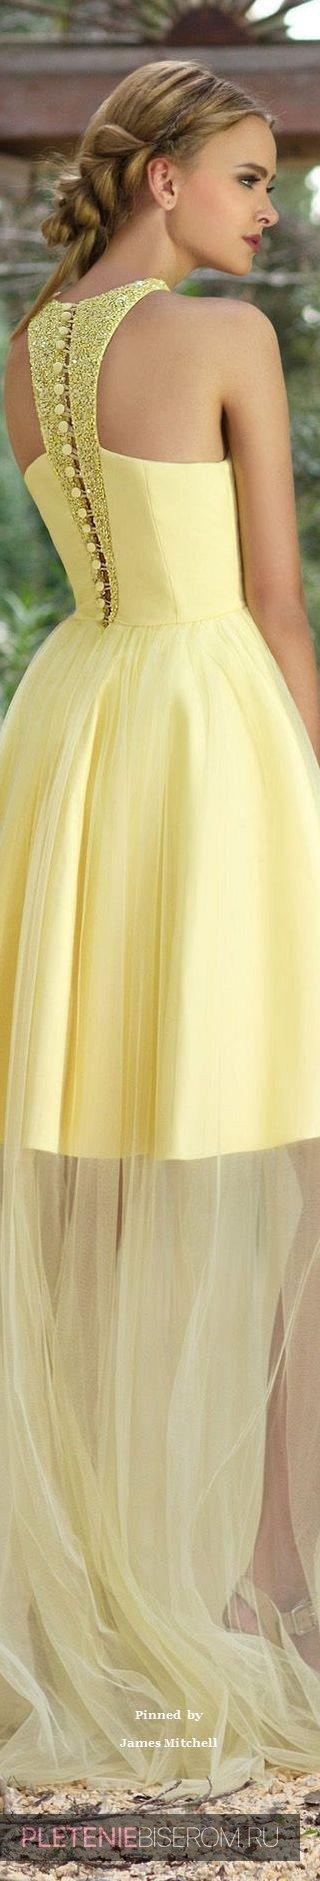 Желтое платье с бисерными вставками